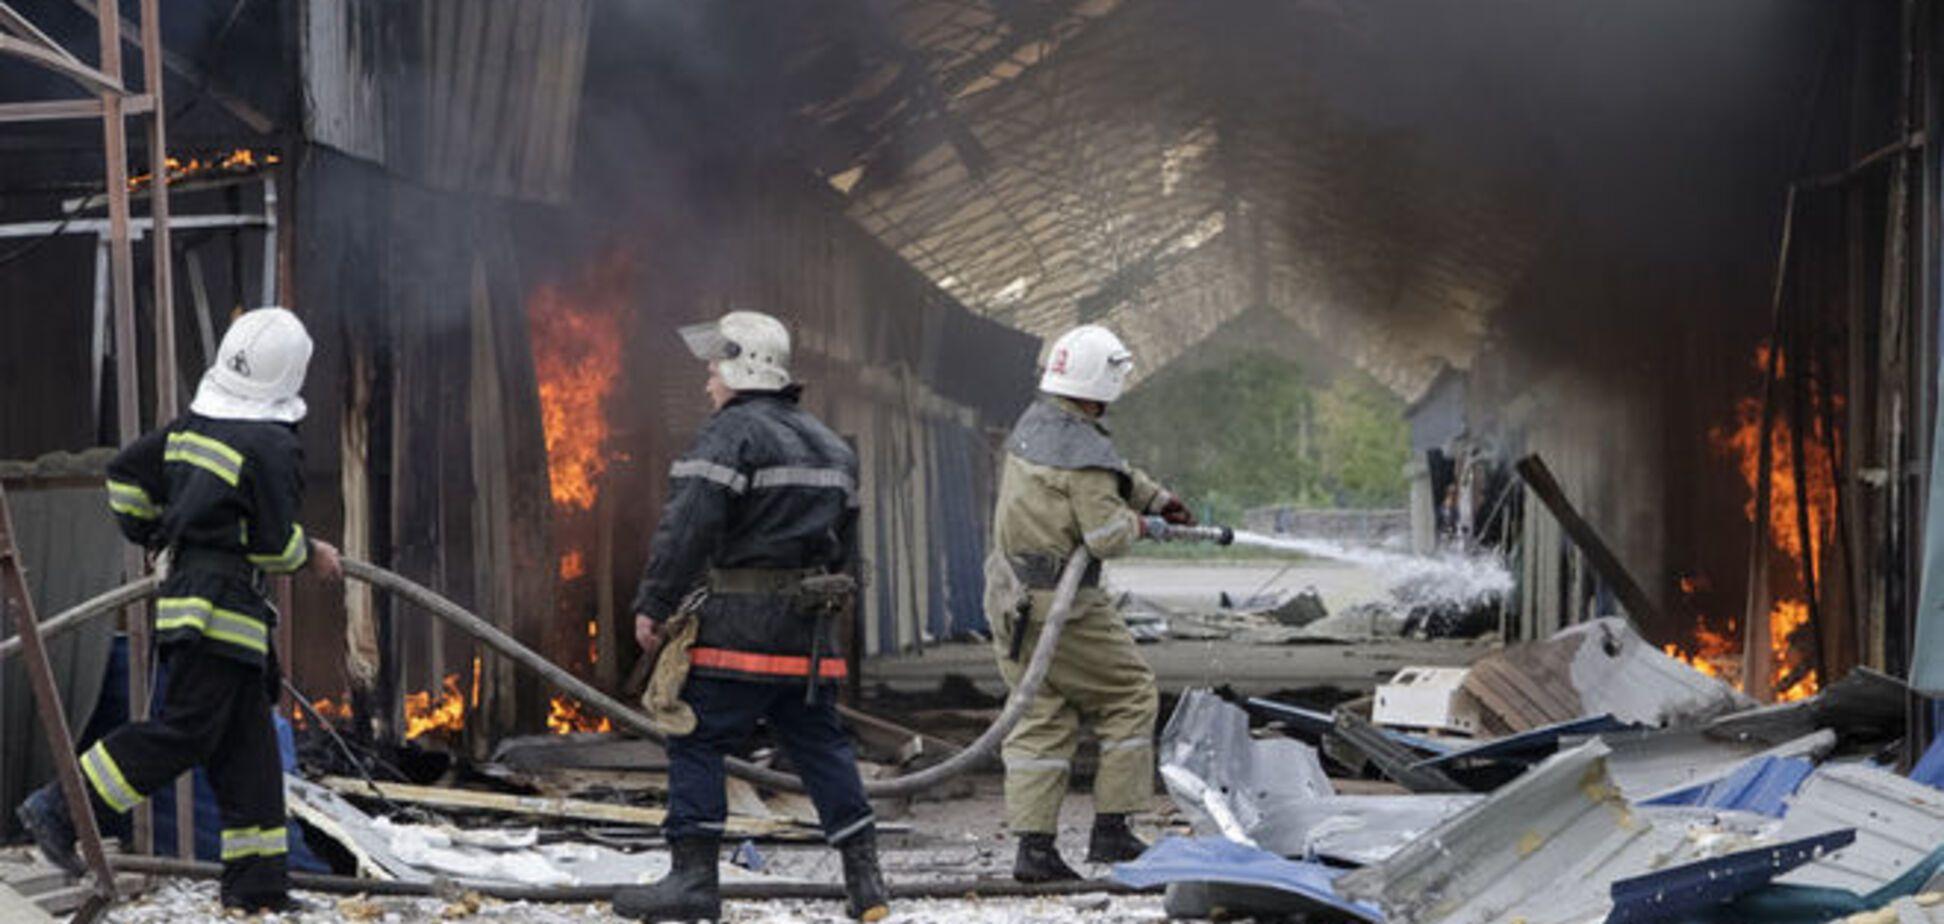 Вогонь і дим: окраїни Донецька потрапили під артобстріл: відеофакт